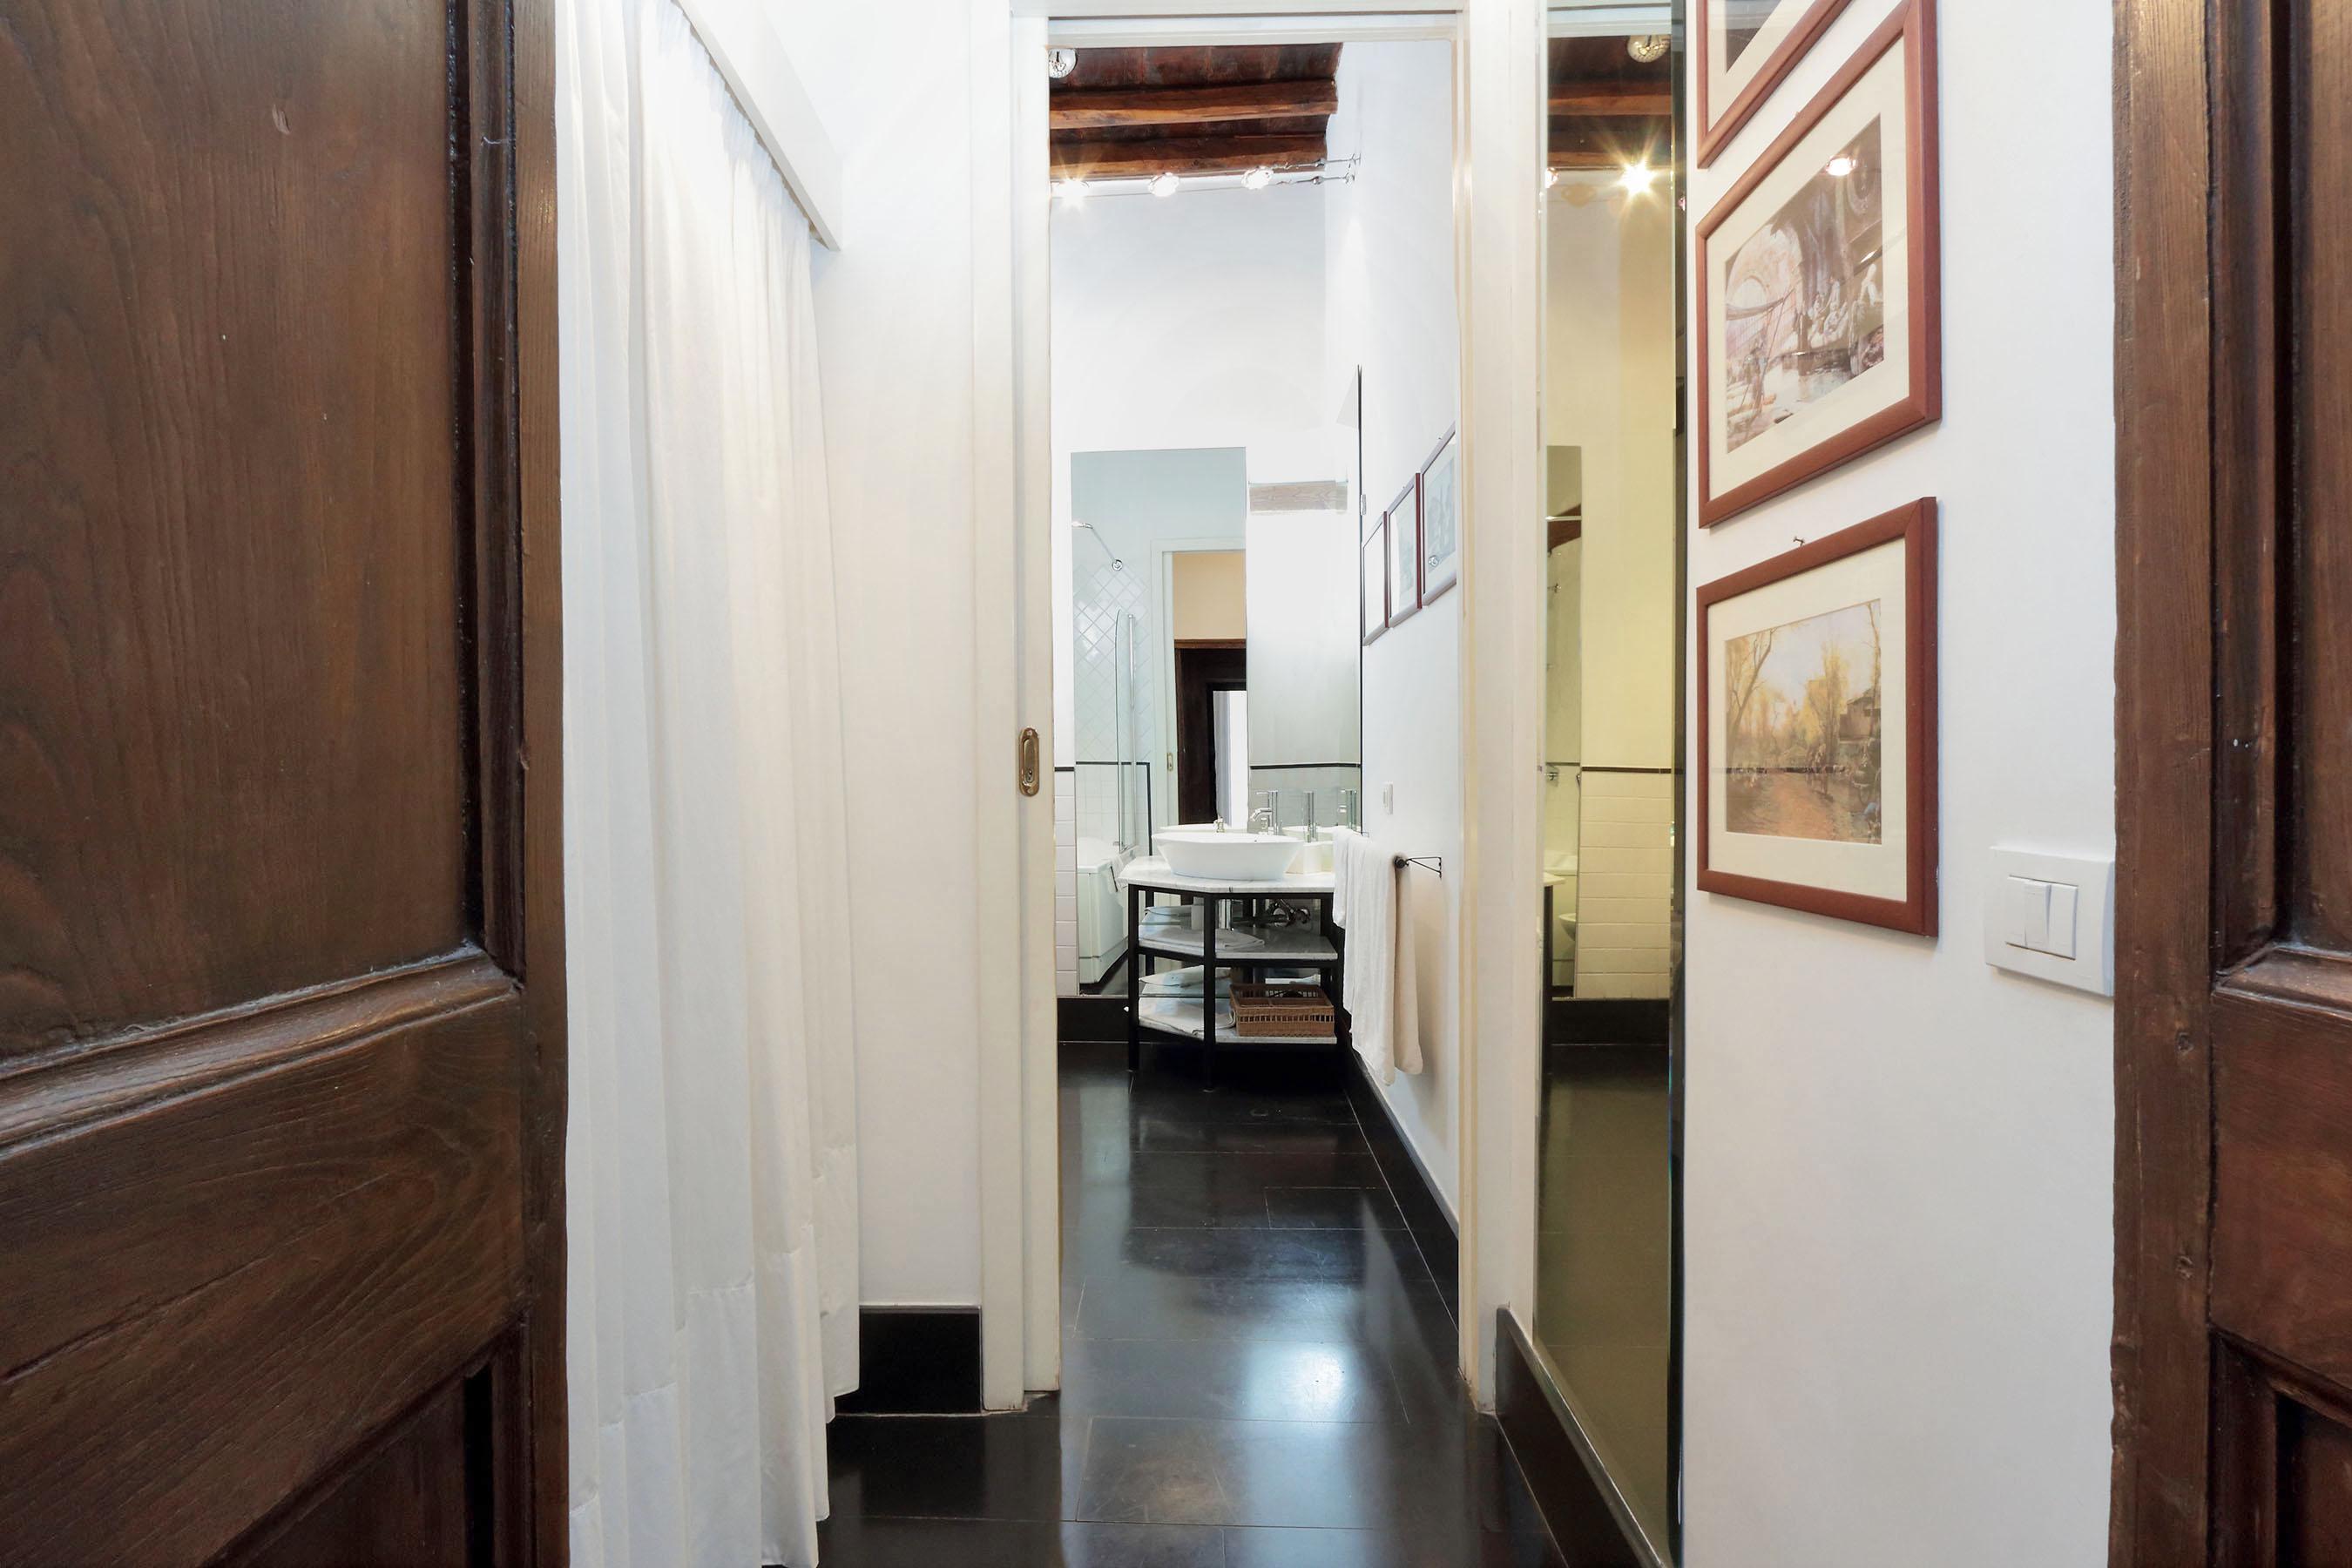 11-L3-first closet and bathroom en souite